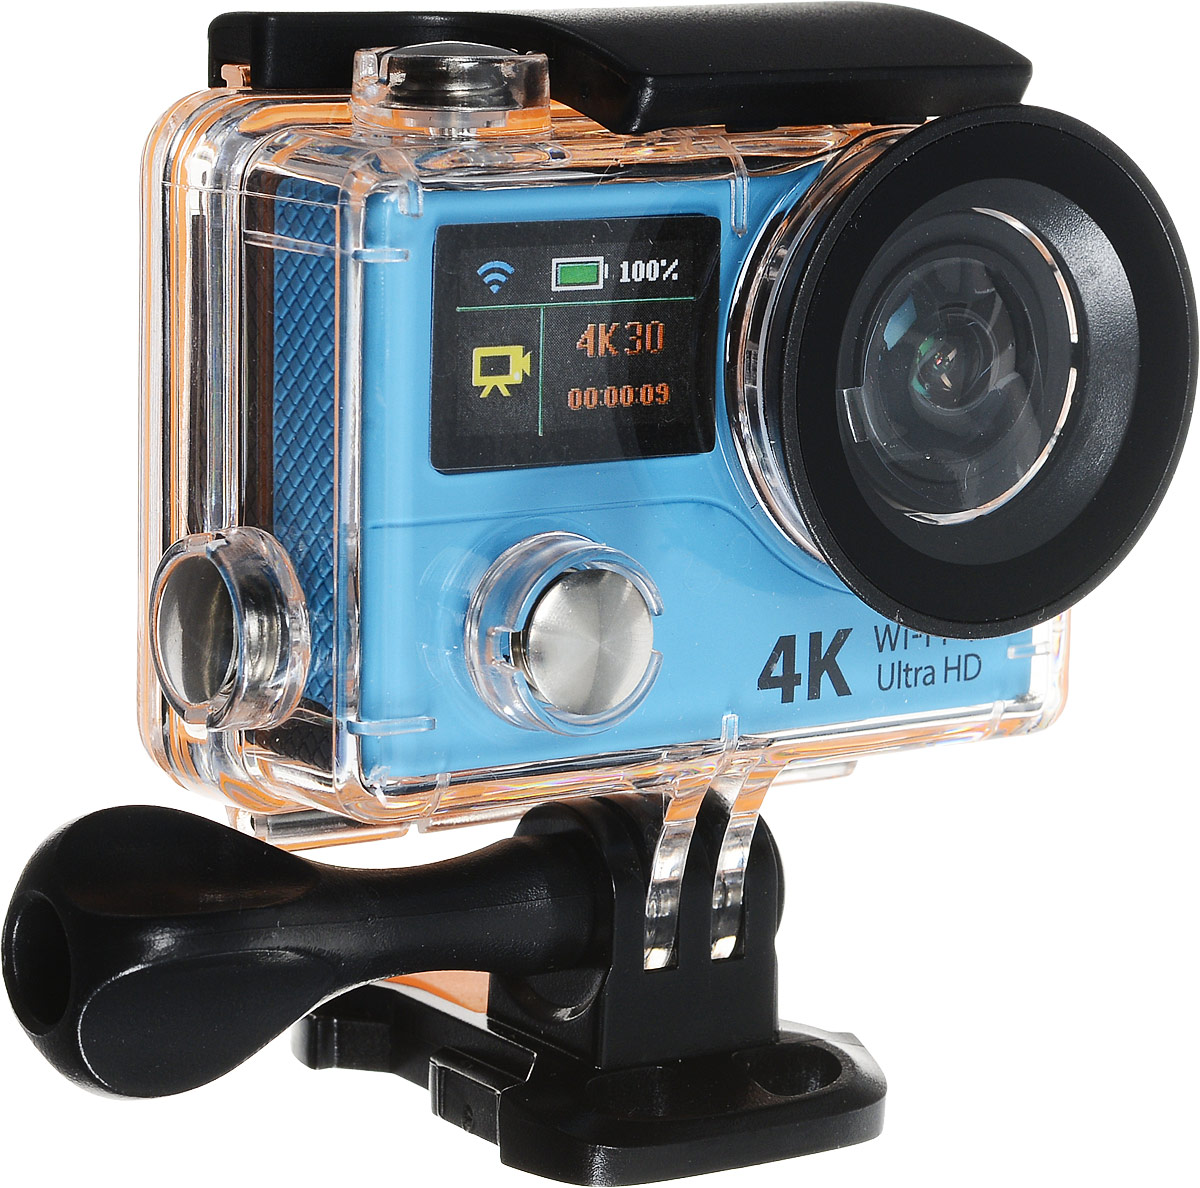 Eken H3R Ultra HD, Blue экшн-камераH3R/H8Rse BLUEЭкшн-камера Eken H3R Ultra HD позволяет записывать видео с разрешением 4К и очень плавным изображением до 25 кадров в секунду. Камера имеет два дисплея: 2 TFT LCD основной экран и 0.95 OLED экран статуса (уровень заряда батареи, подключение к WiFi, режим съемки и длительность записи). Эта модель сделана для любителей спорта на улице, подводного плавания, скейтбординга, скай-дайвинга, скалолазания, бега или охоты. Снимайте с руки, на велосипеде, в машине и где угодно. По сравнению с предыдущими версиями, в Eken H3R Ultra HD вы найдете уменьшенные размеры корпуса, увеличенный до 2-х дюймов экран, невероятную оптику и фантастическое разрешение изображения при съемке 25 кадров в секунду!Управляйте вашей H3R на своем смартфоне или планшете. Приложение Ez iCam App позволяет работать с браузером и наблюдать все то, что видит ваша камера. В комплекте с камерой идет пульт ДУ работающий на частоте 2,4 ГГц. Он позволяет начинать и заканчивать съемку удаленно.